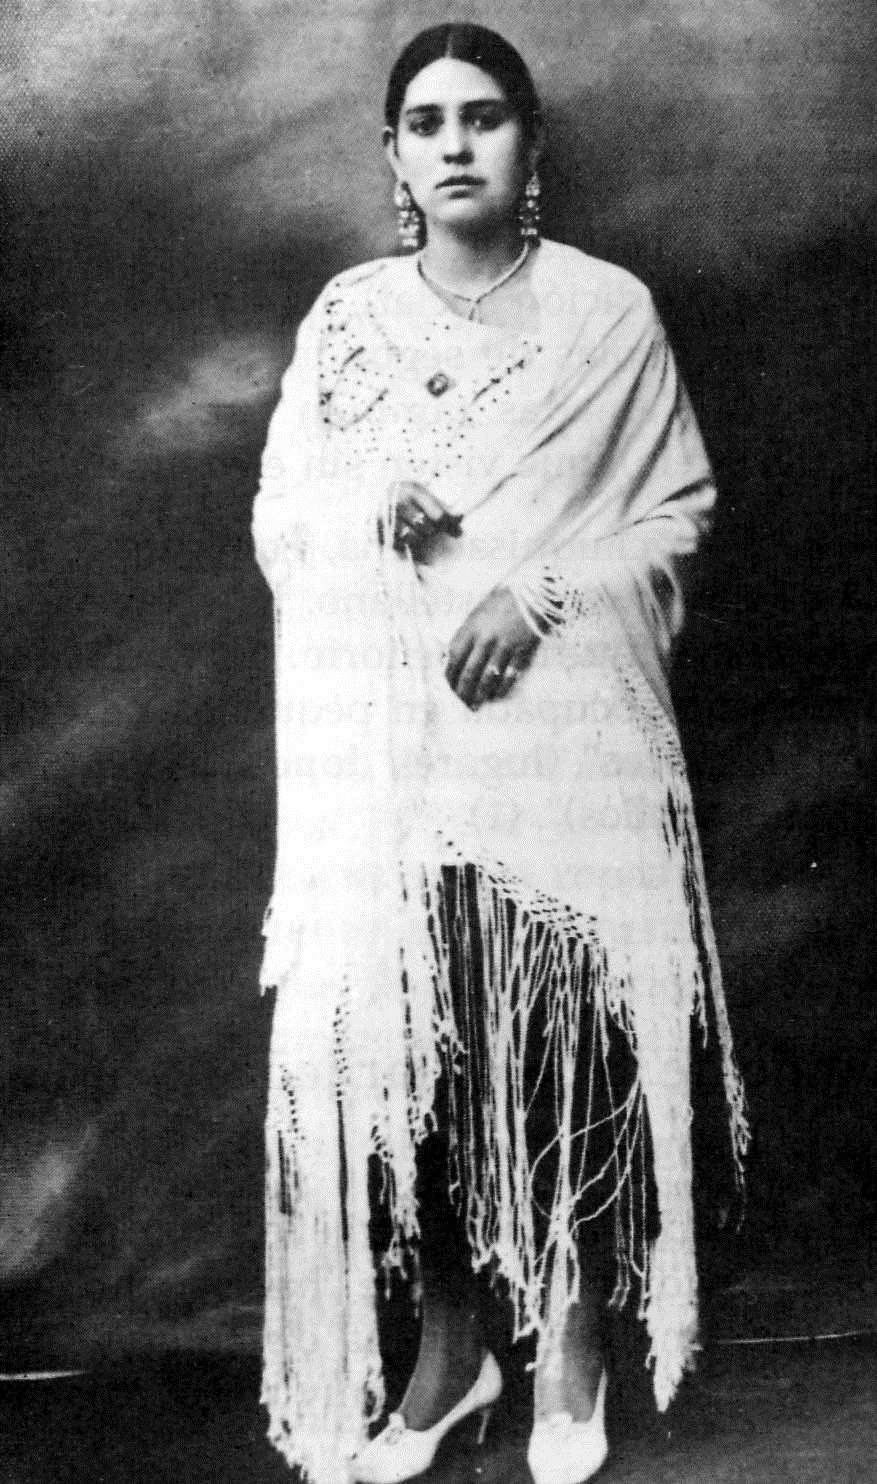 La chola boliviana en la primera mitad del siglo XX